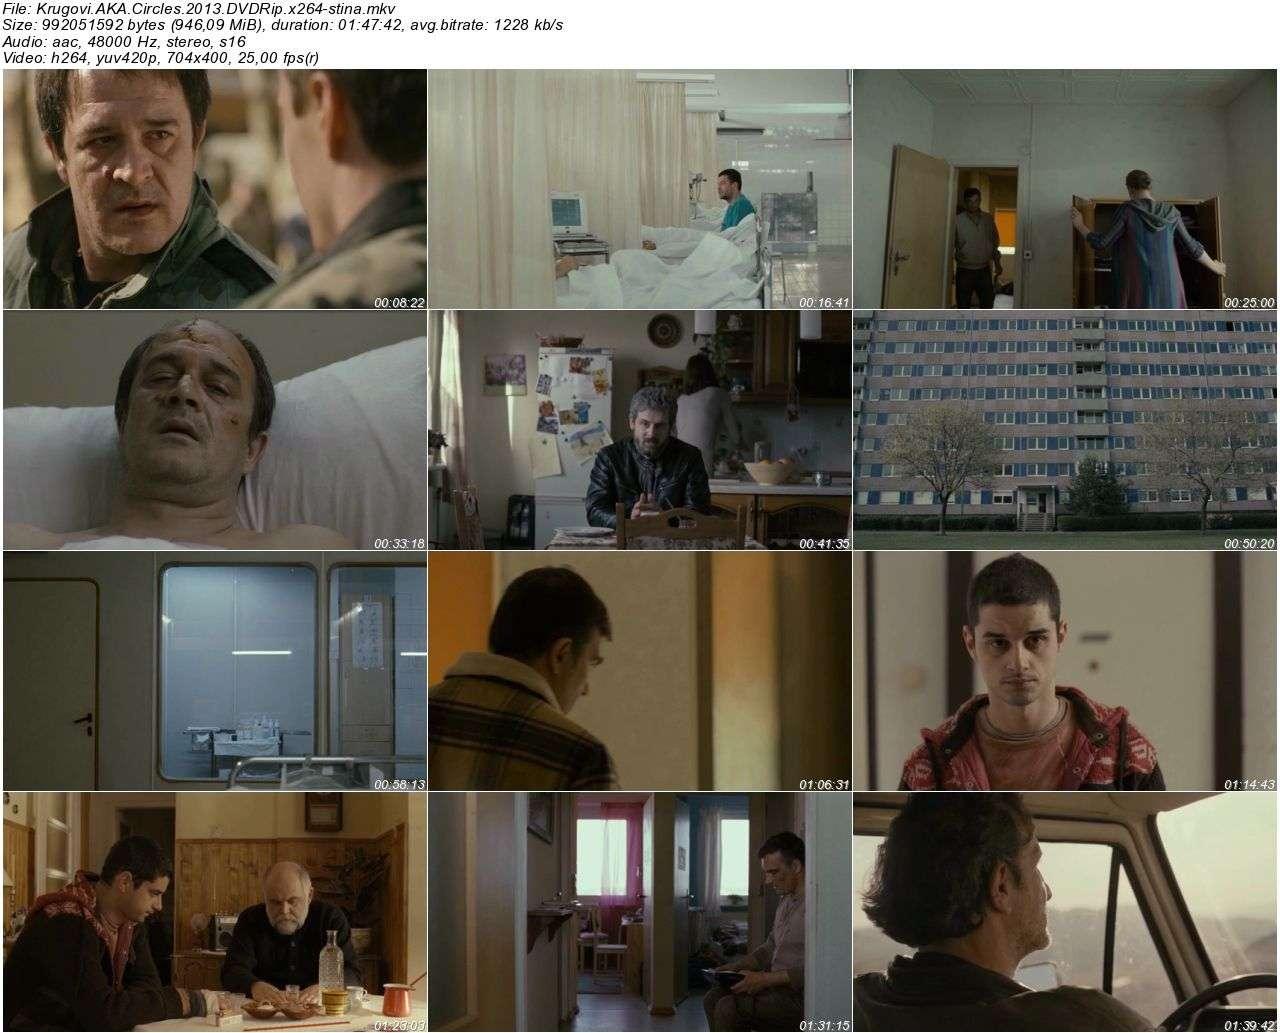 Kesişen Hayatlar - 2013 DVDRip x264 - Türkçe Altyazılı Tek Link indir